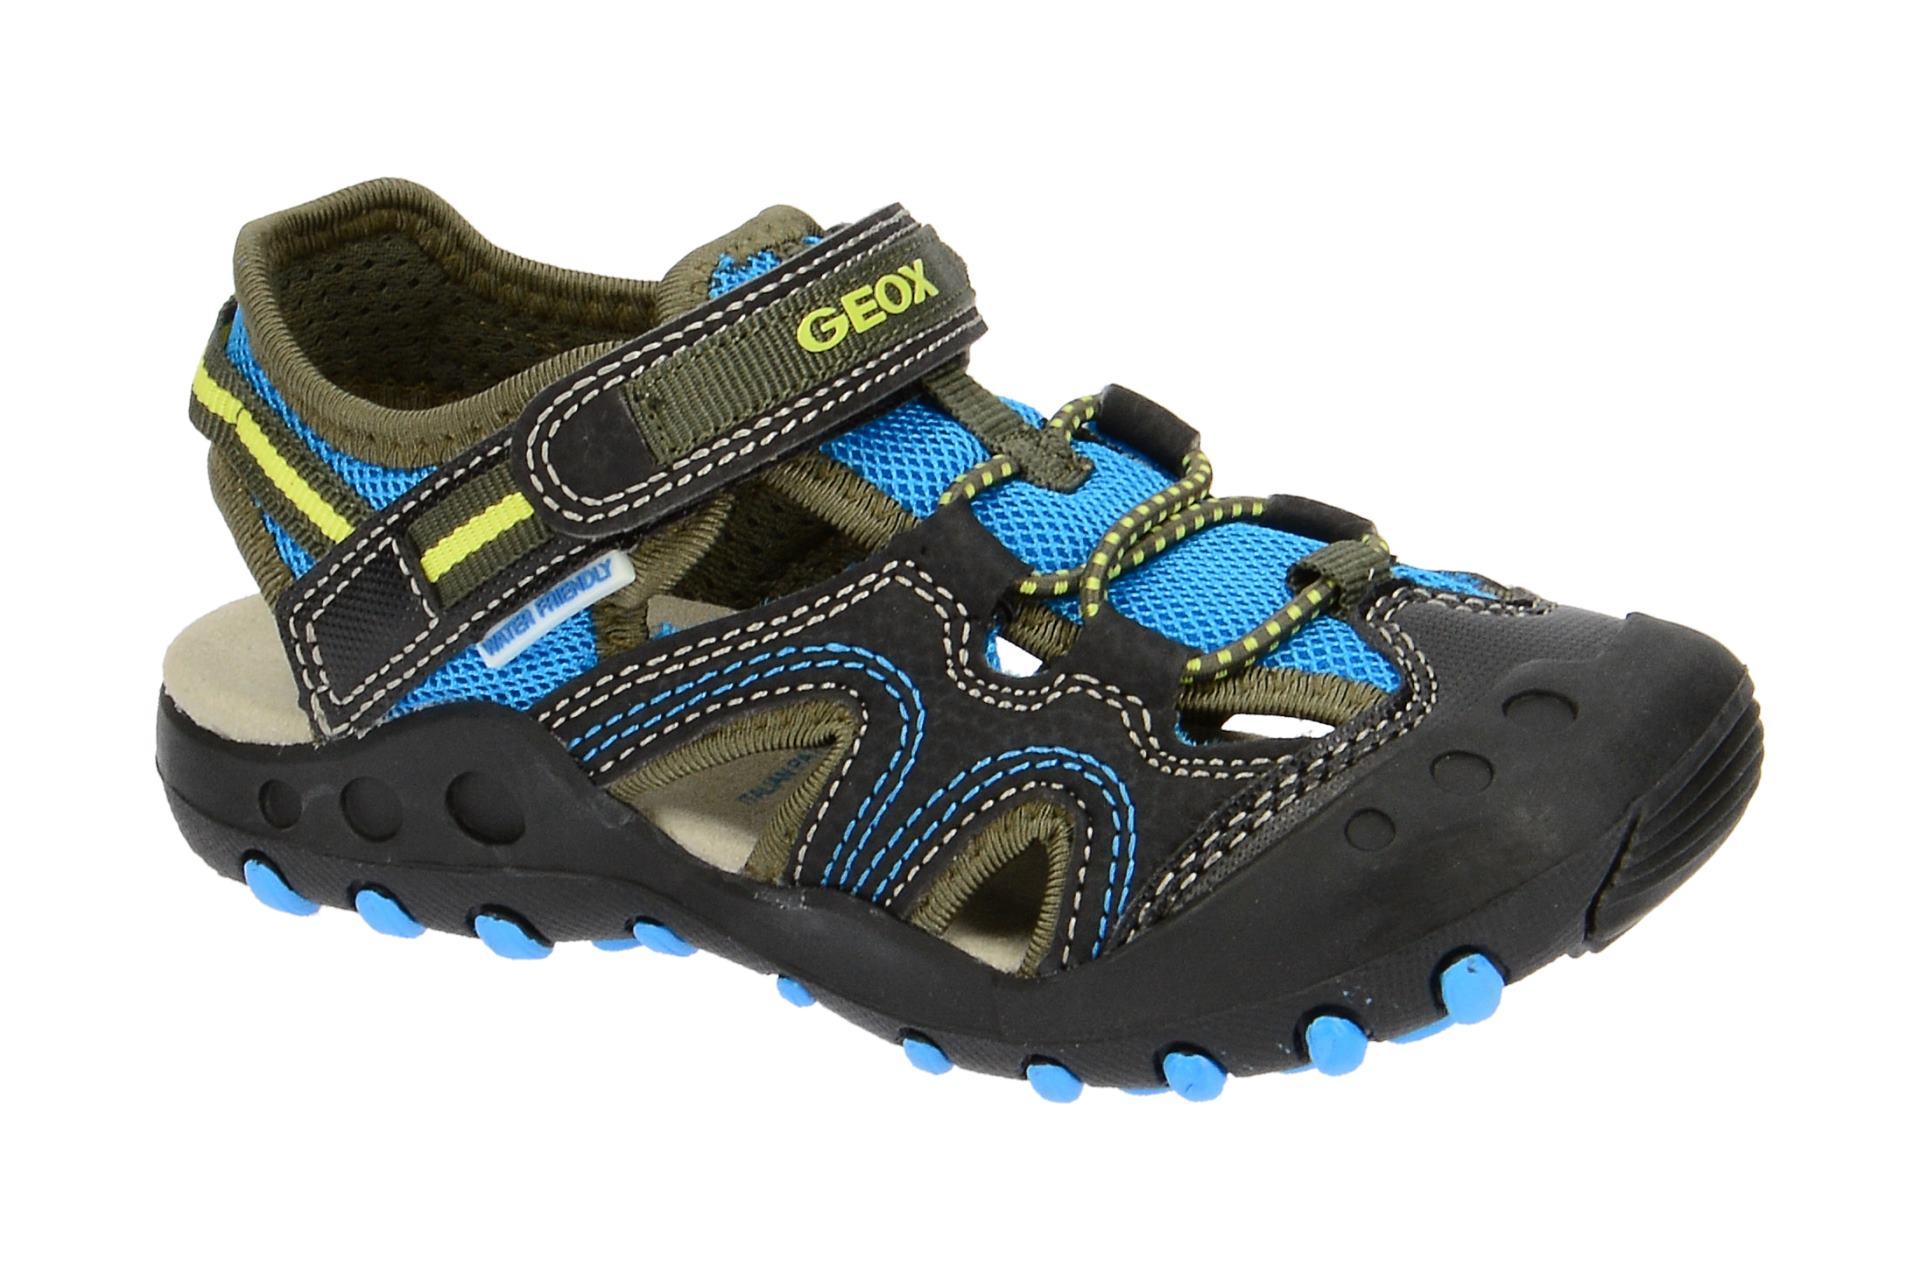 Geox Jungen Sandalen schwarz blau wassertauglich